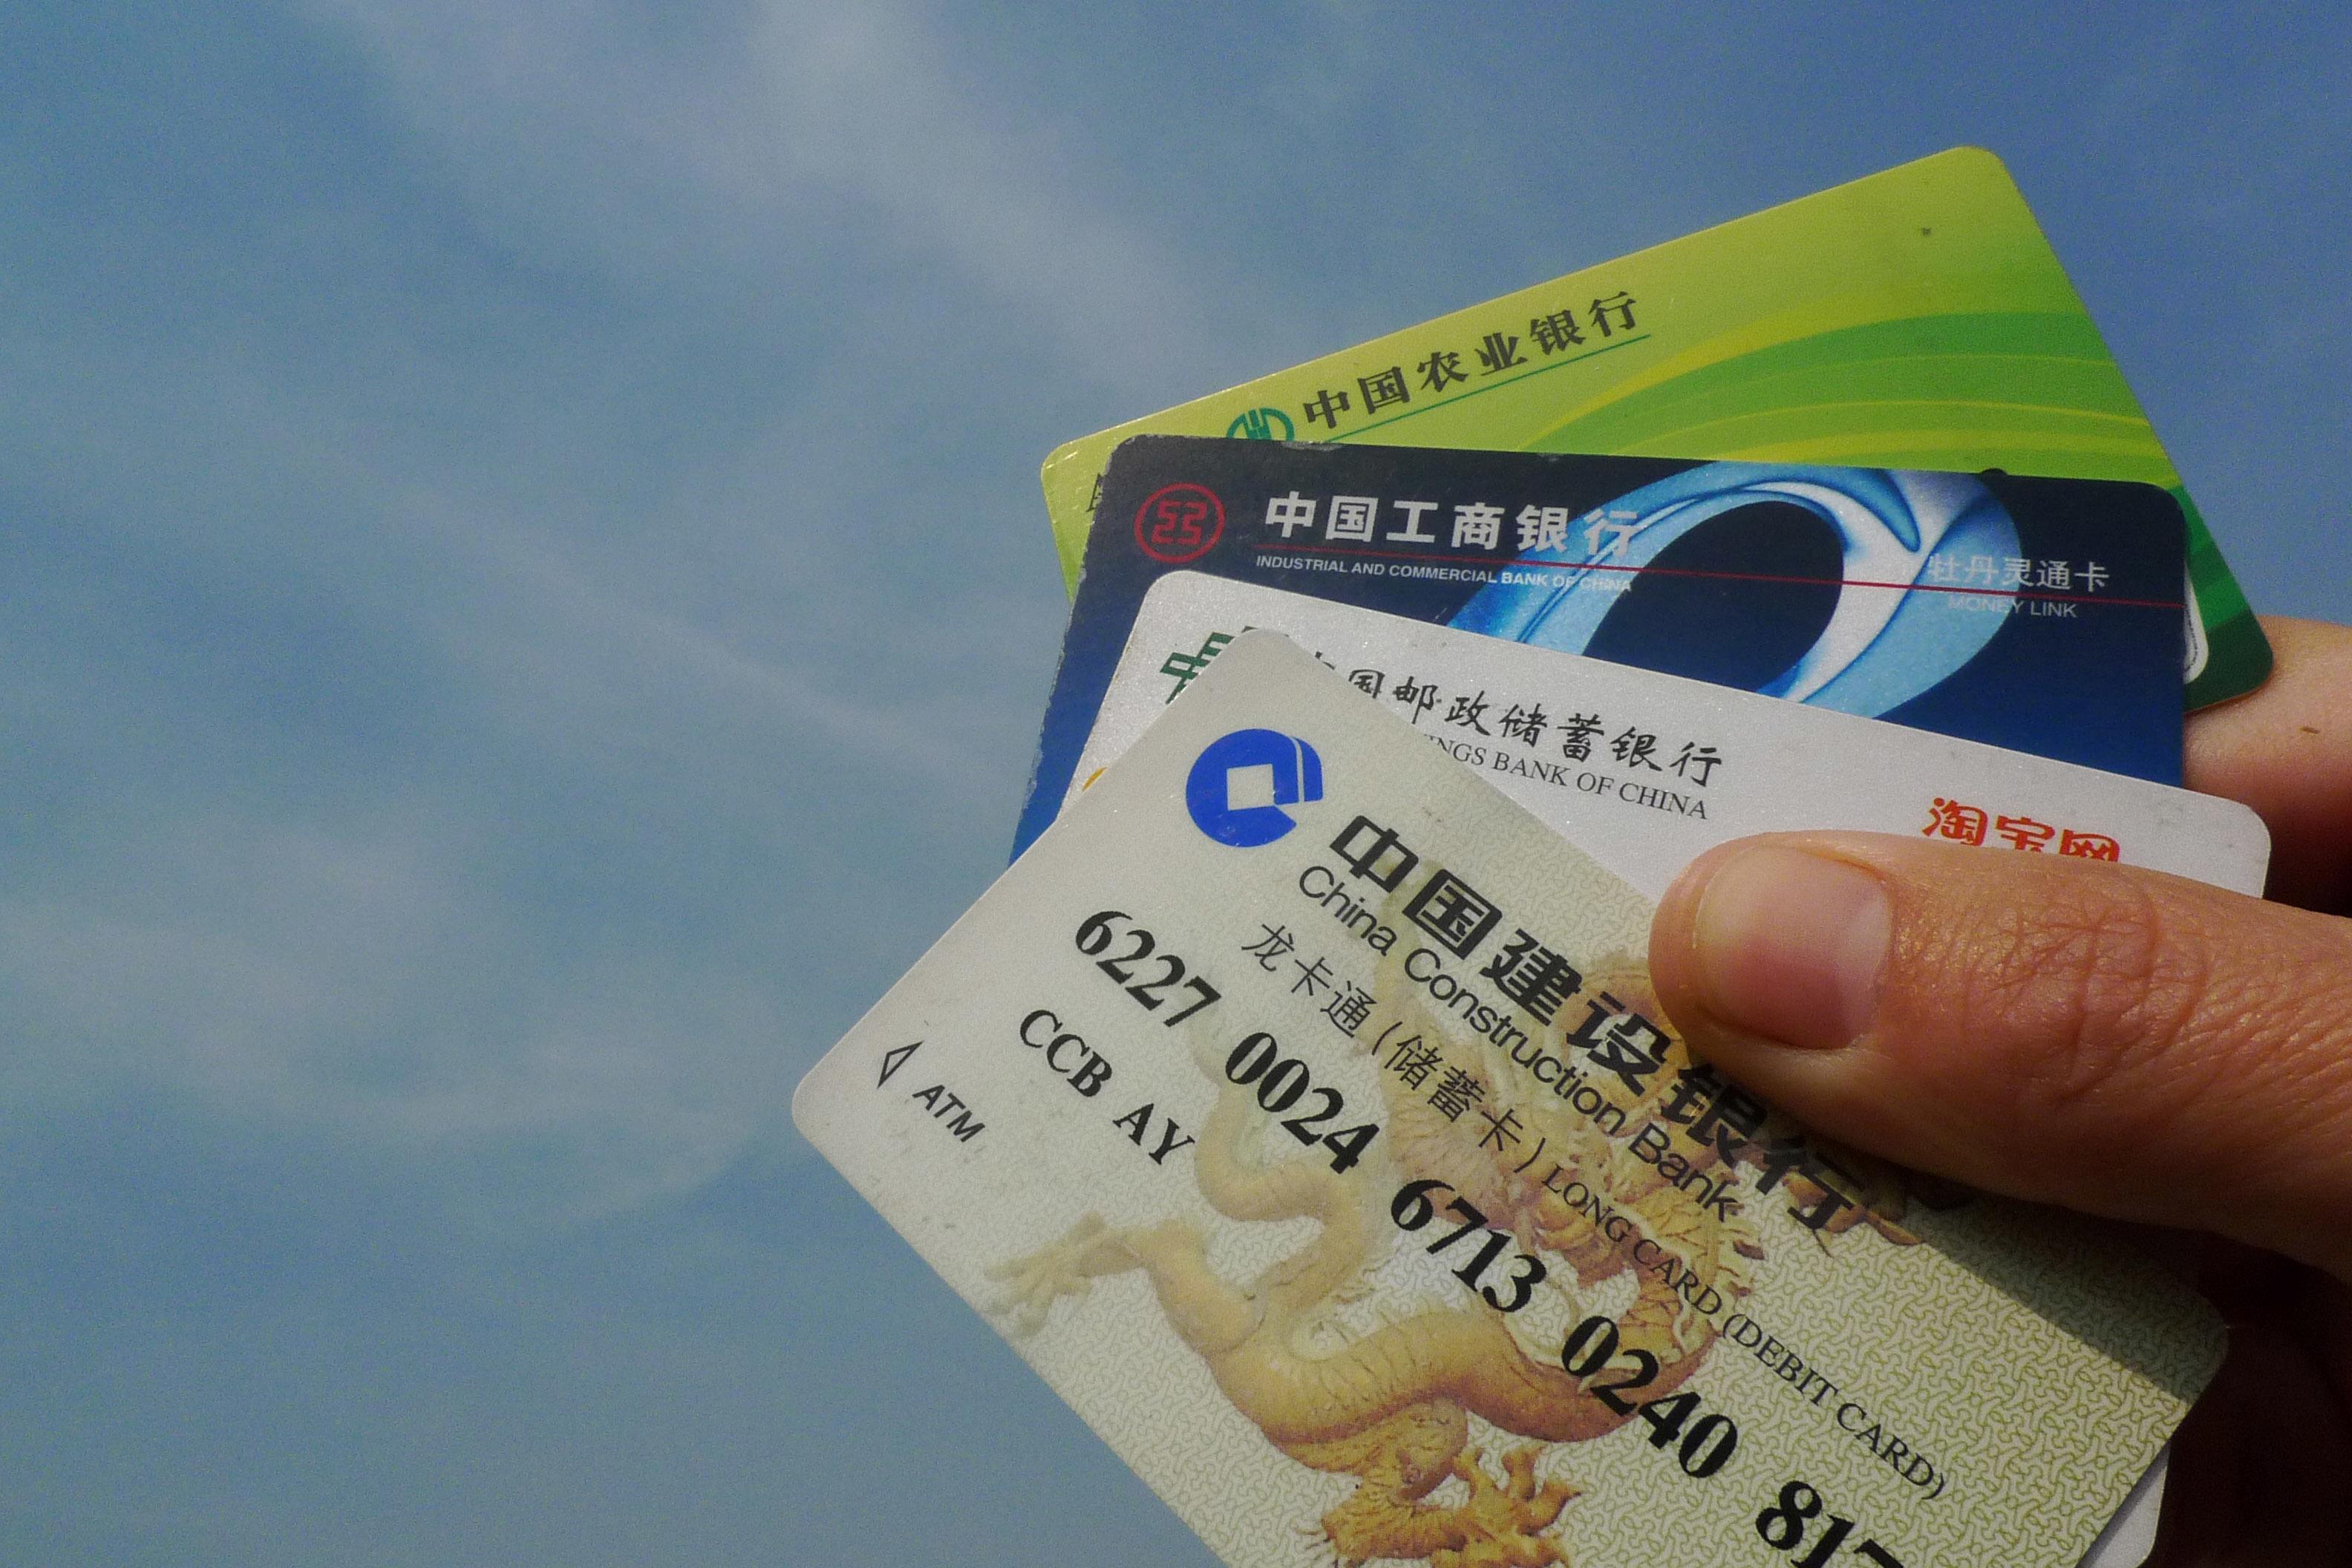 邮储银行不可错过的2张信用卡!